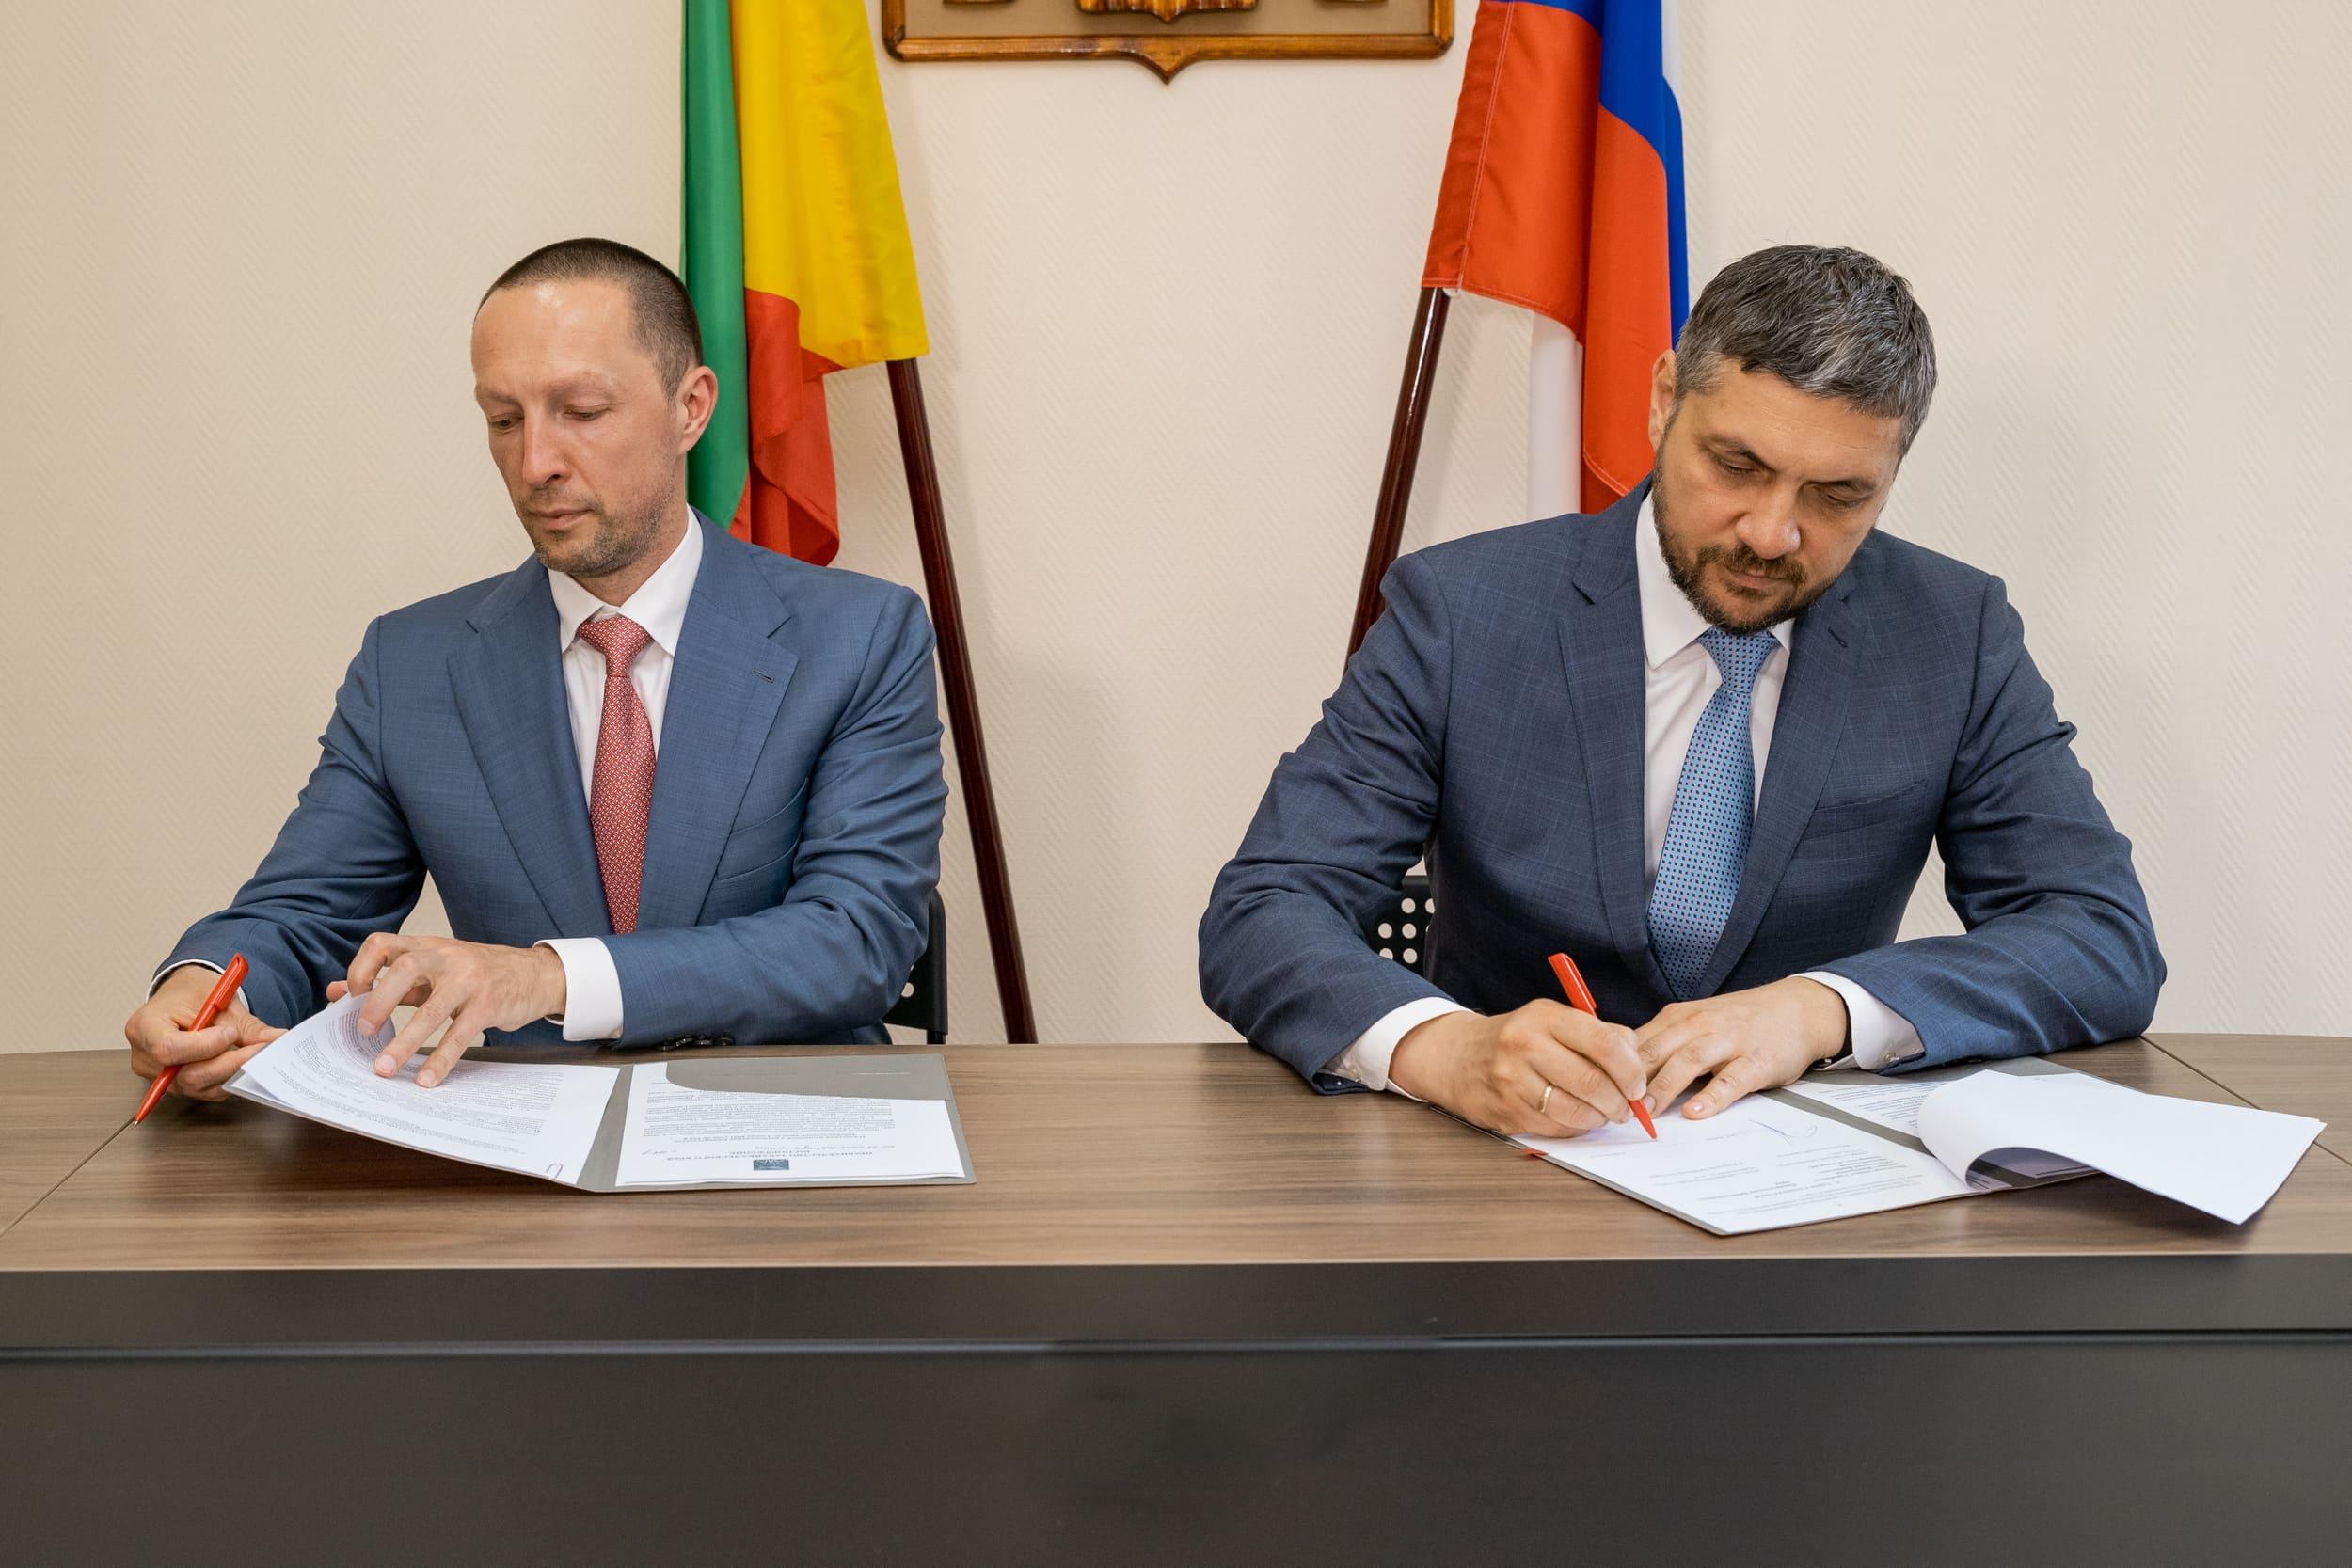 Подписание соглашения с губернатором Забайкальского края Александром Осиповым